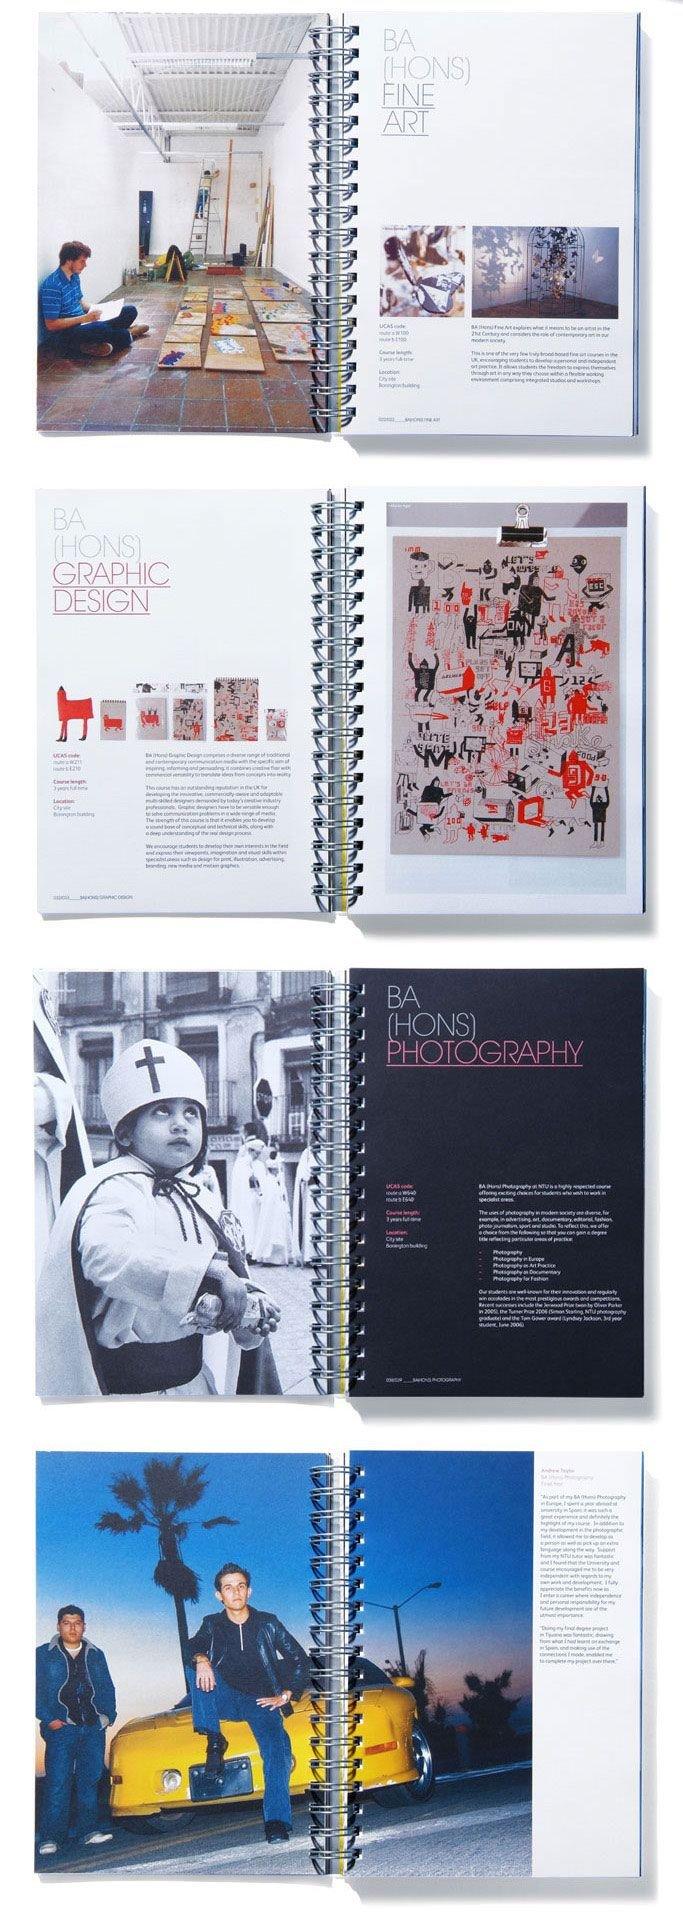 NTU艺术设计公司宣传手册设计